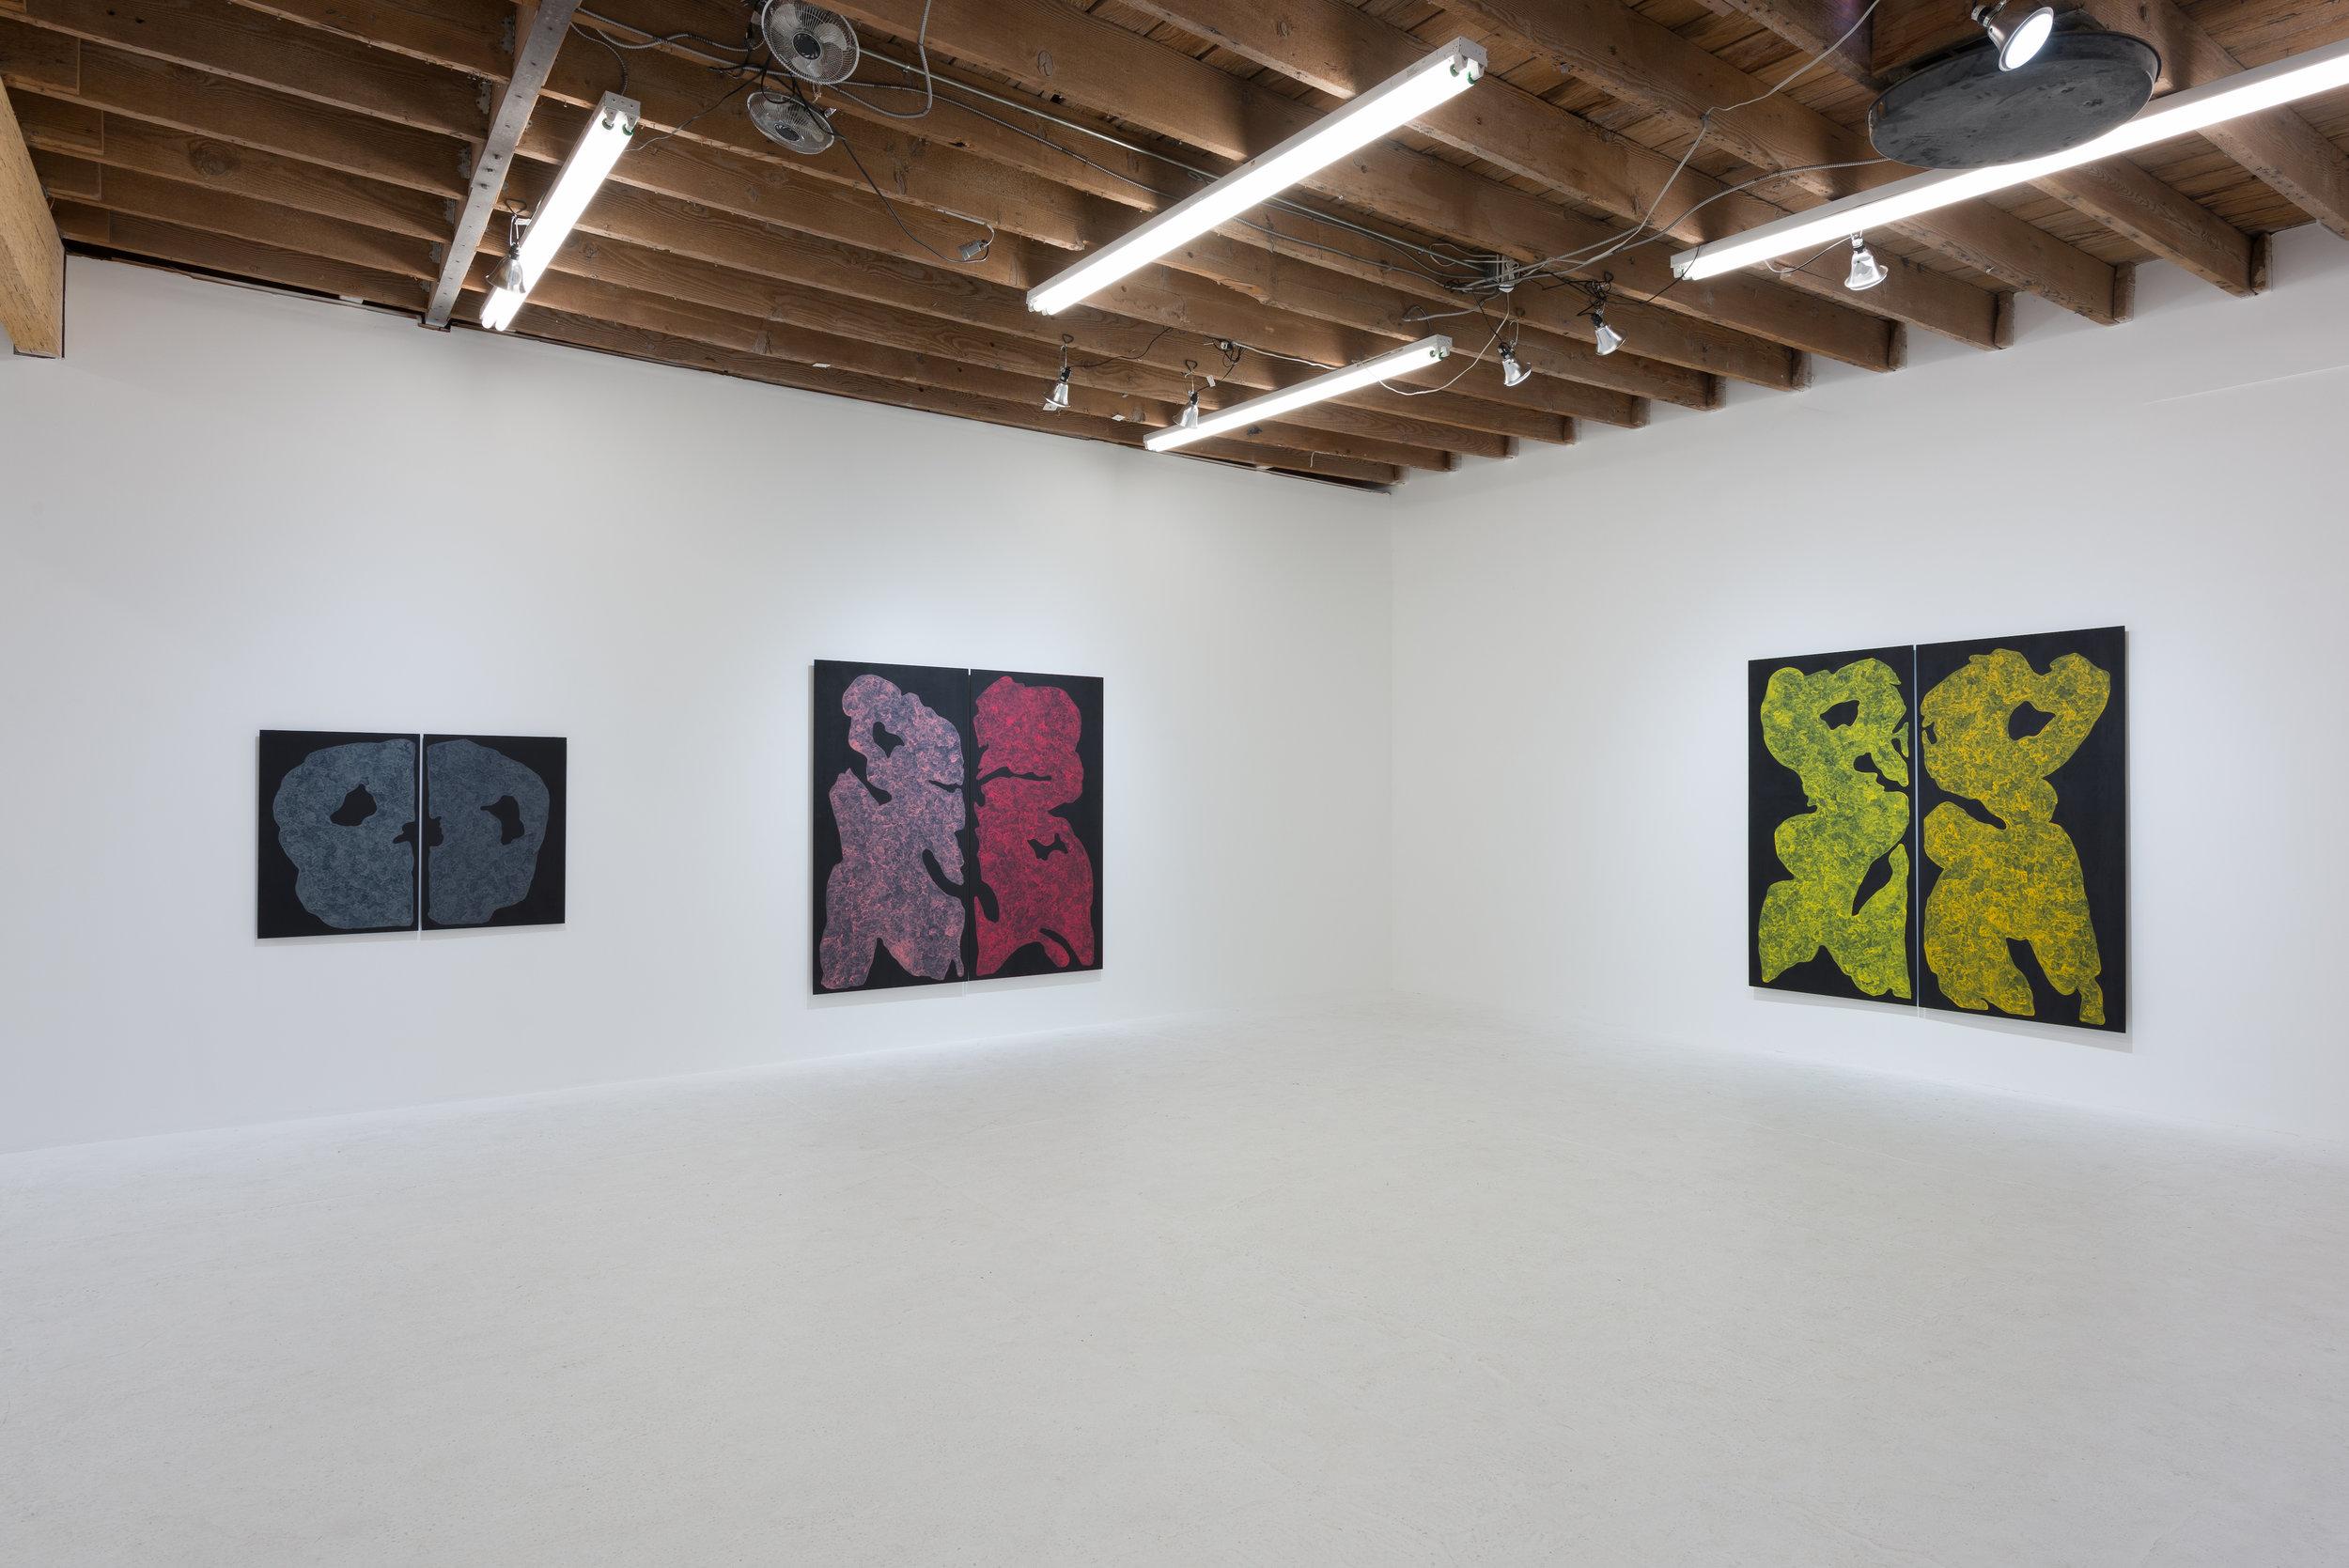 Monique Prieto, Luster . Installation view. Photo: Ruben Diaz.